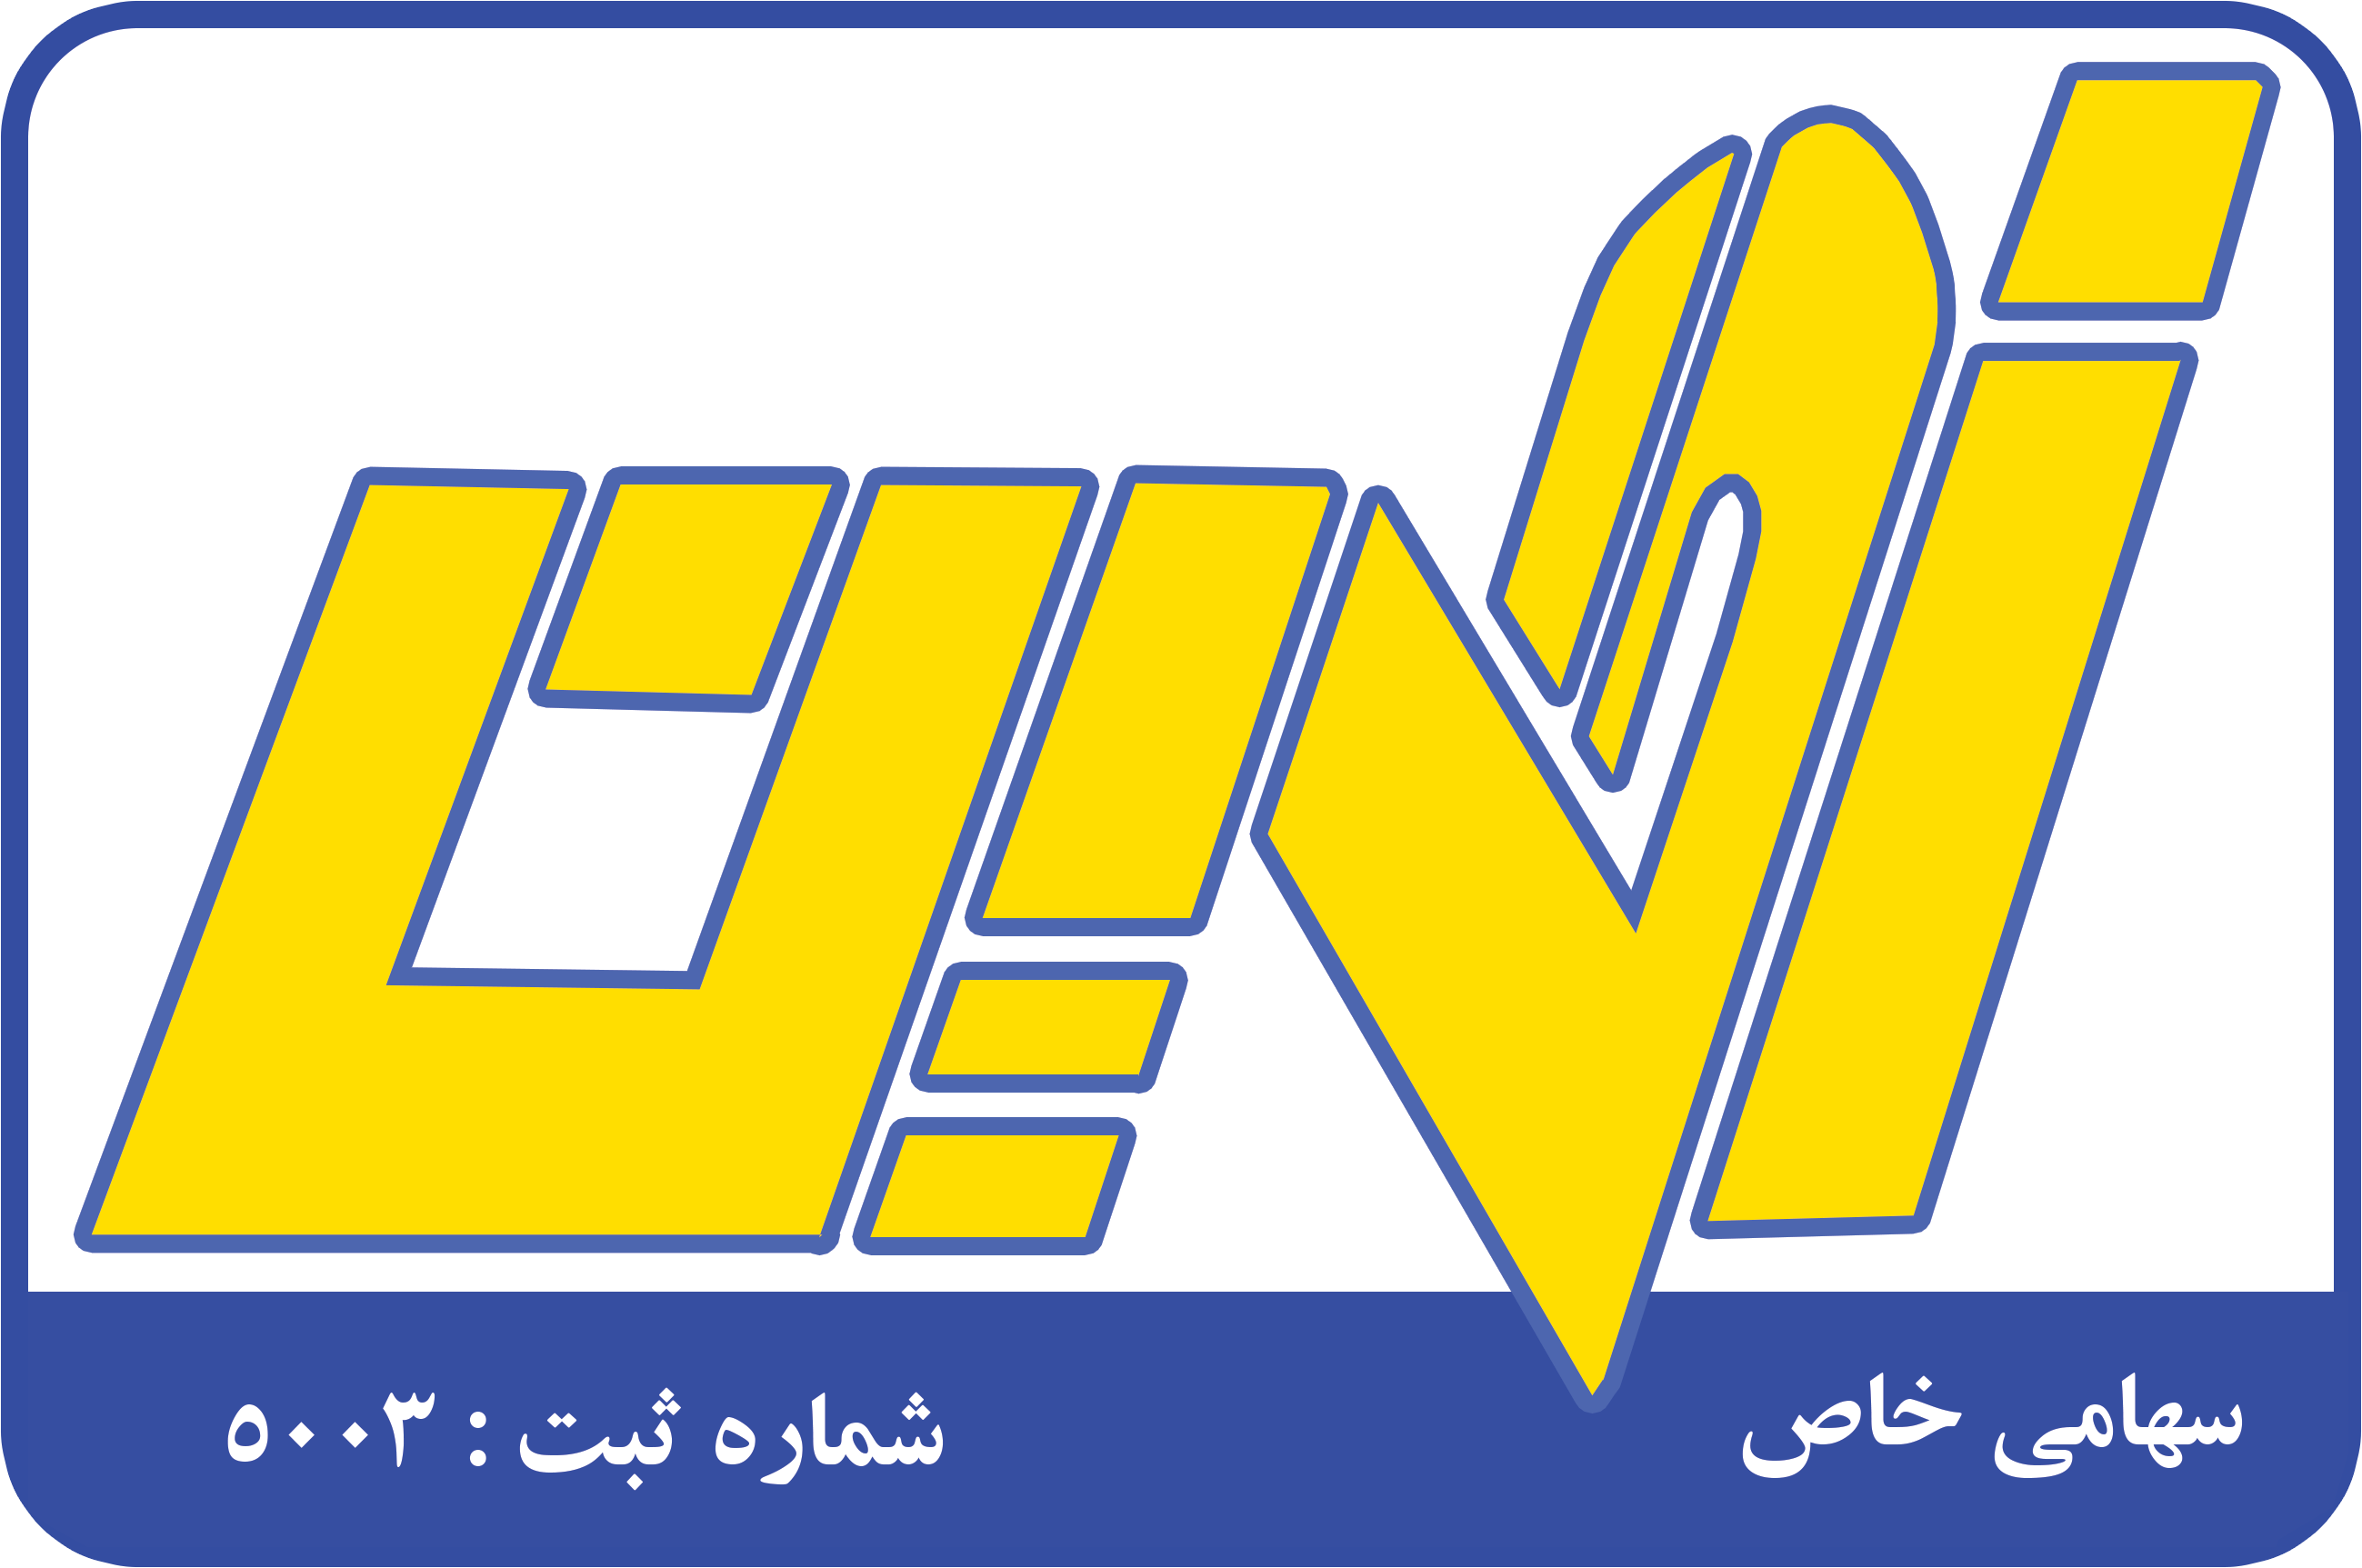 شرکت نگین پرتو کرمان